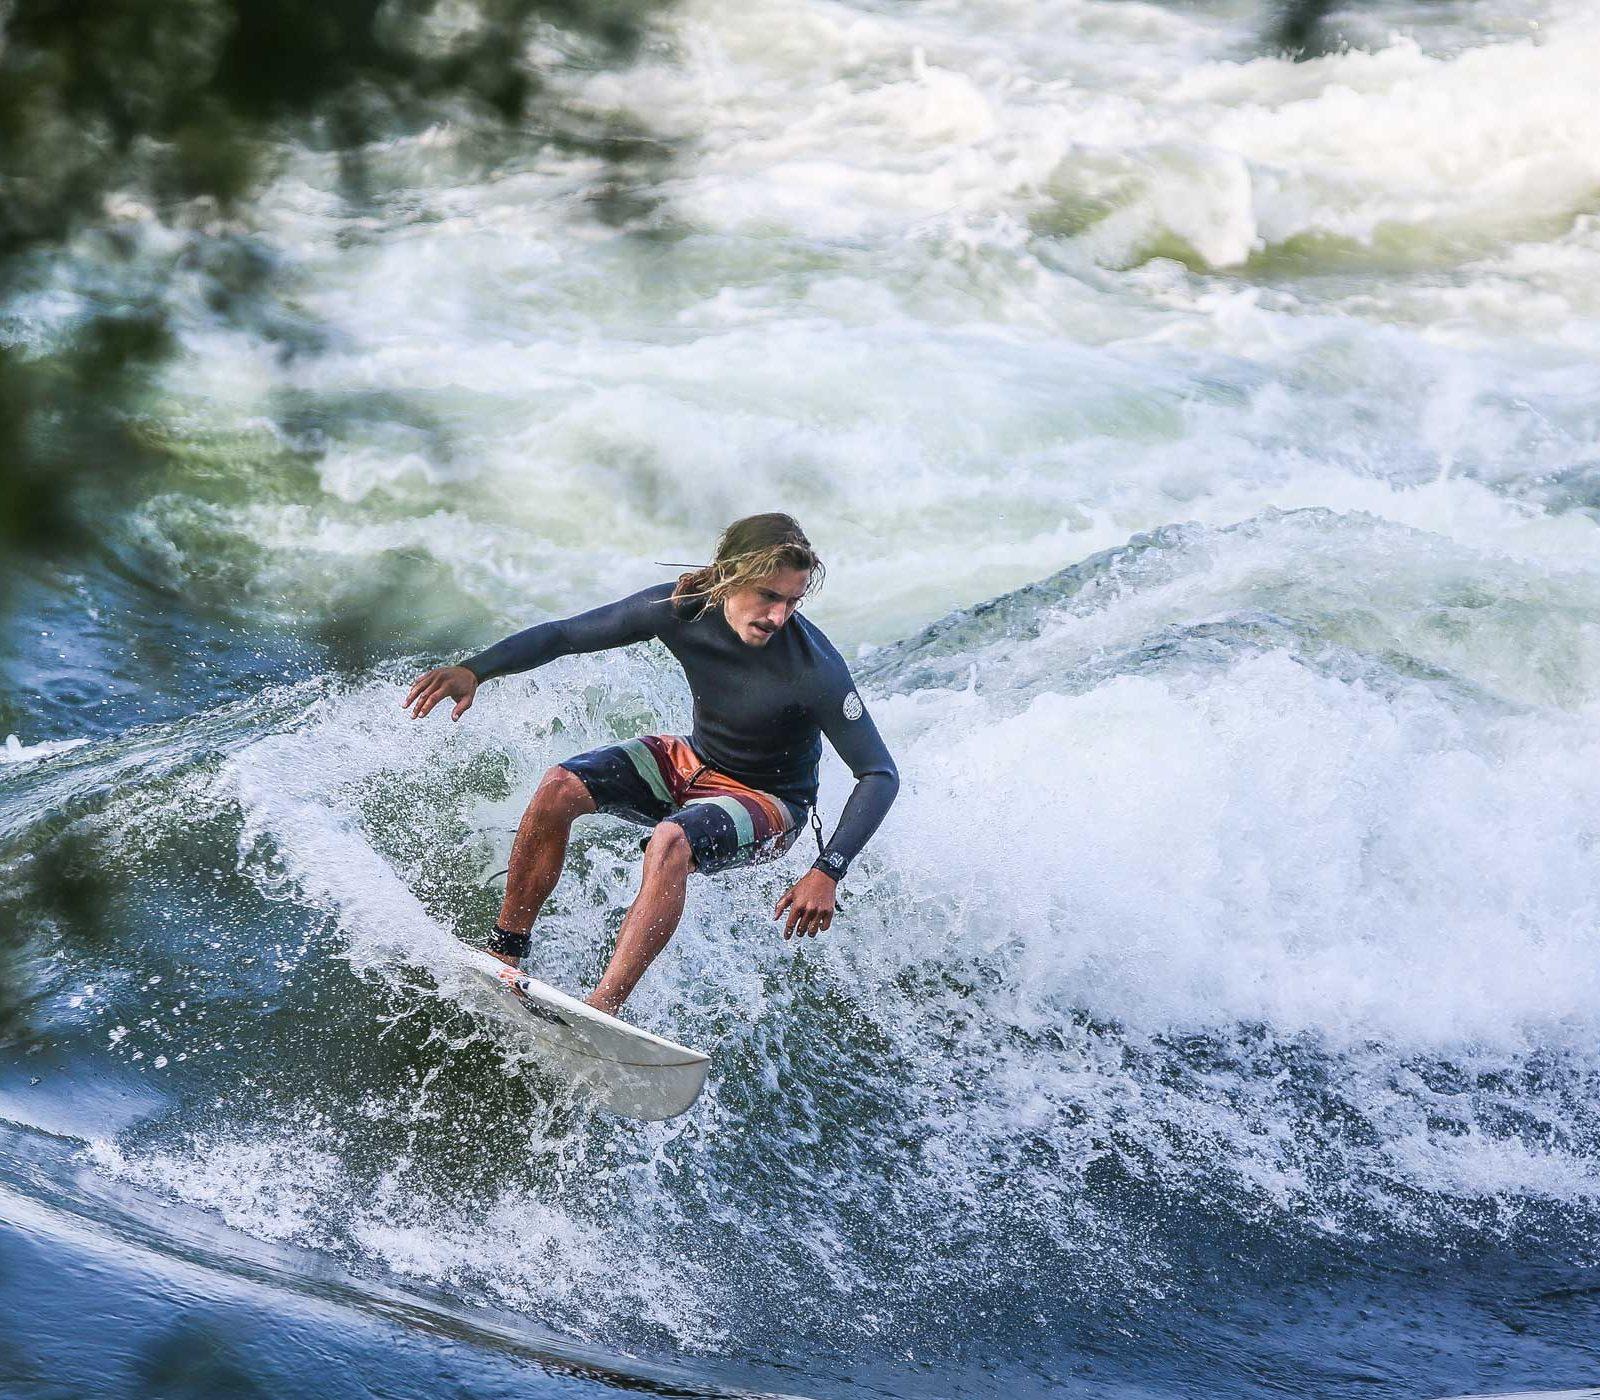 surf2---Mike_Hitelman